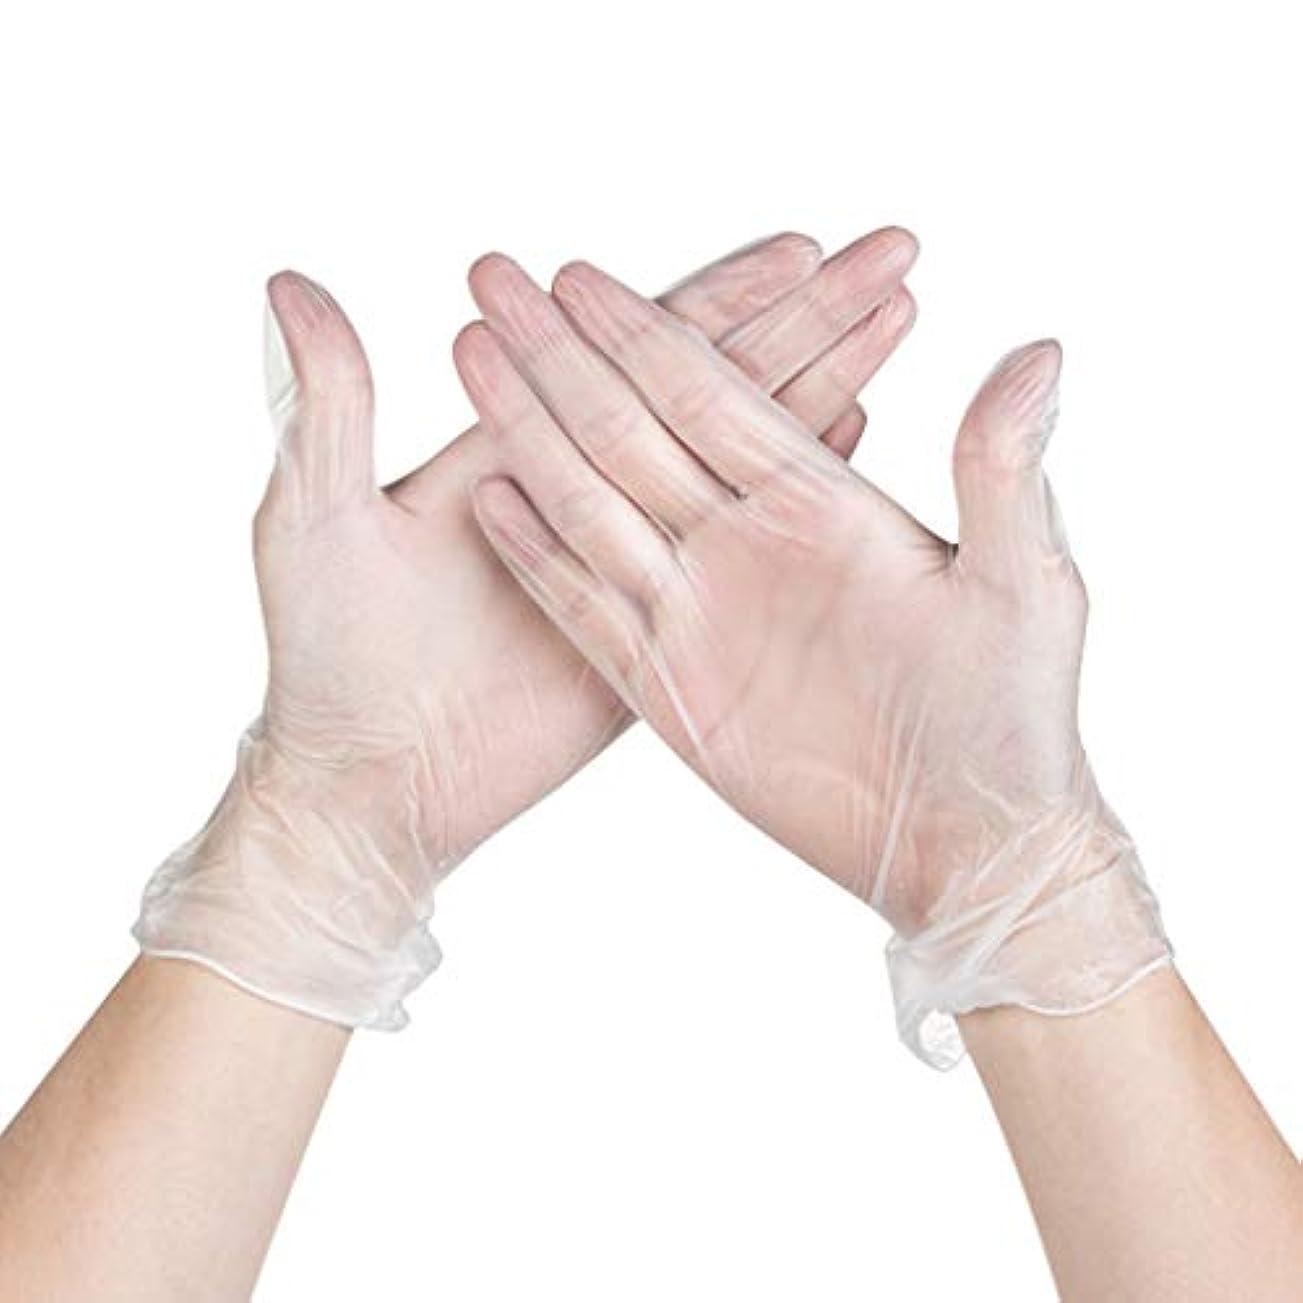 オーバーコート湾パシフィックパウダーフリーの使い捨て医療検査食品電子修理ホーム透明PVC使い捨て手袋箱入り YANW (色 : トランスペアレント, サイズ さいず : M m)